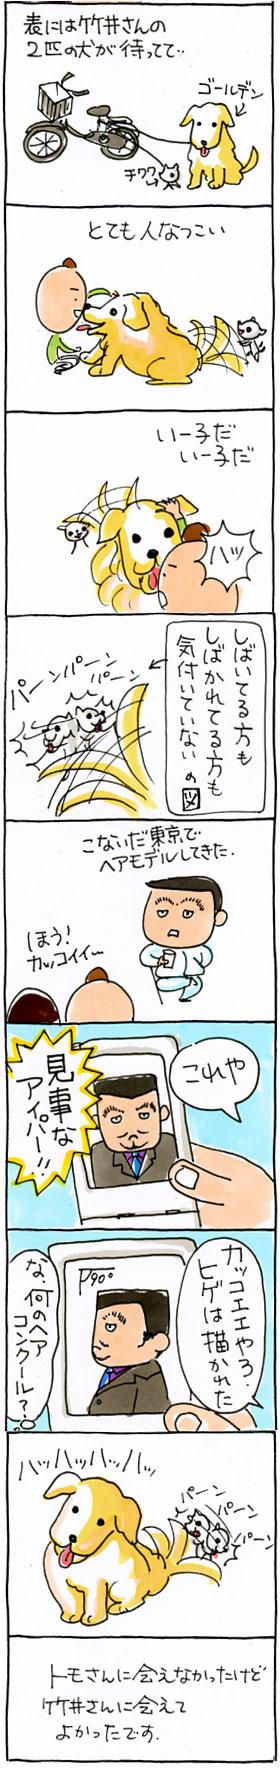 松井さん2